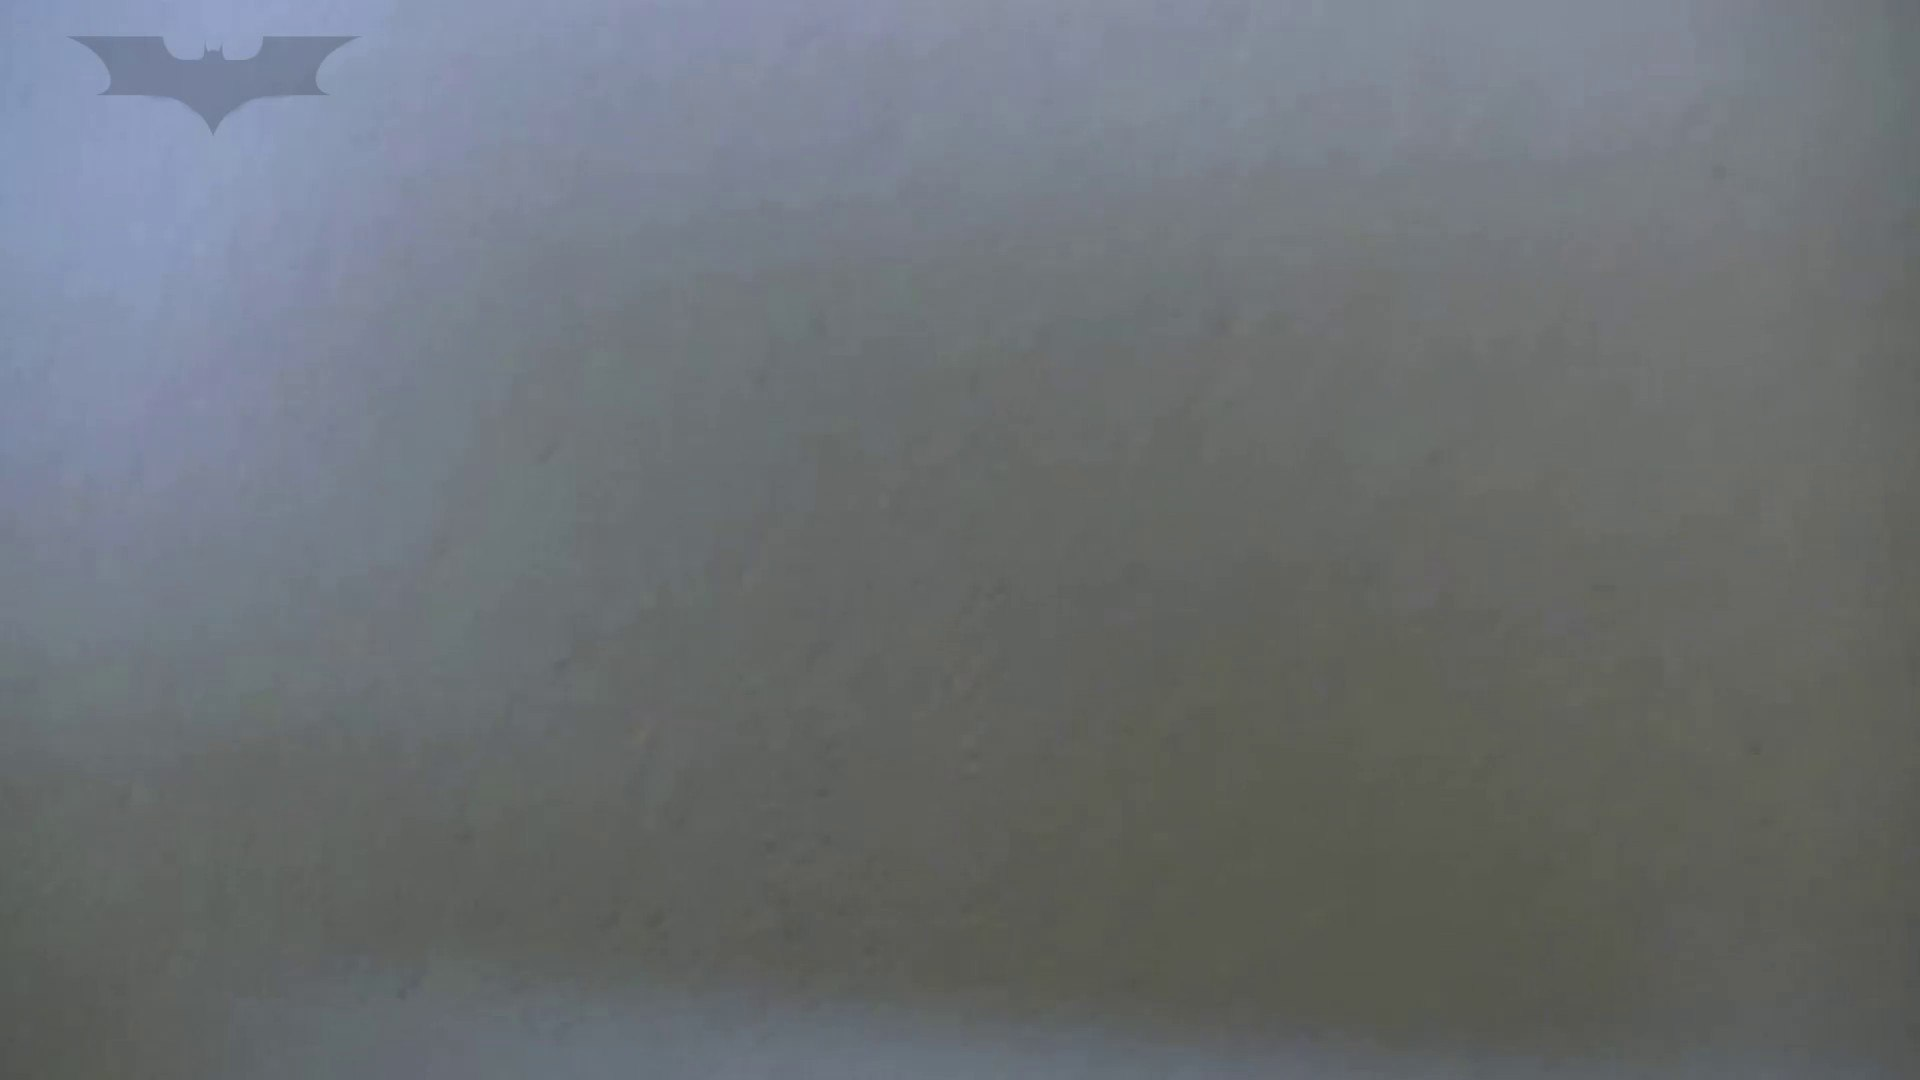 夏の思い出浜辺トイレ盗撮Vol.28 エッチな盗撮 AV動画キャプチャ 104pic 45